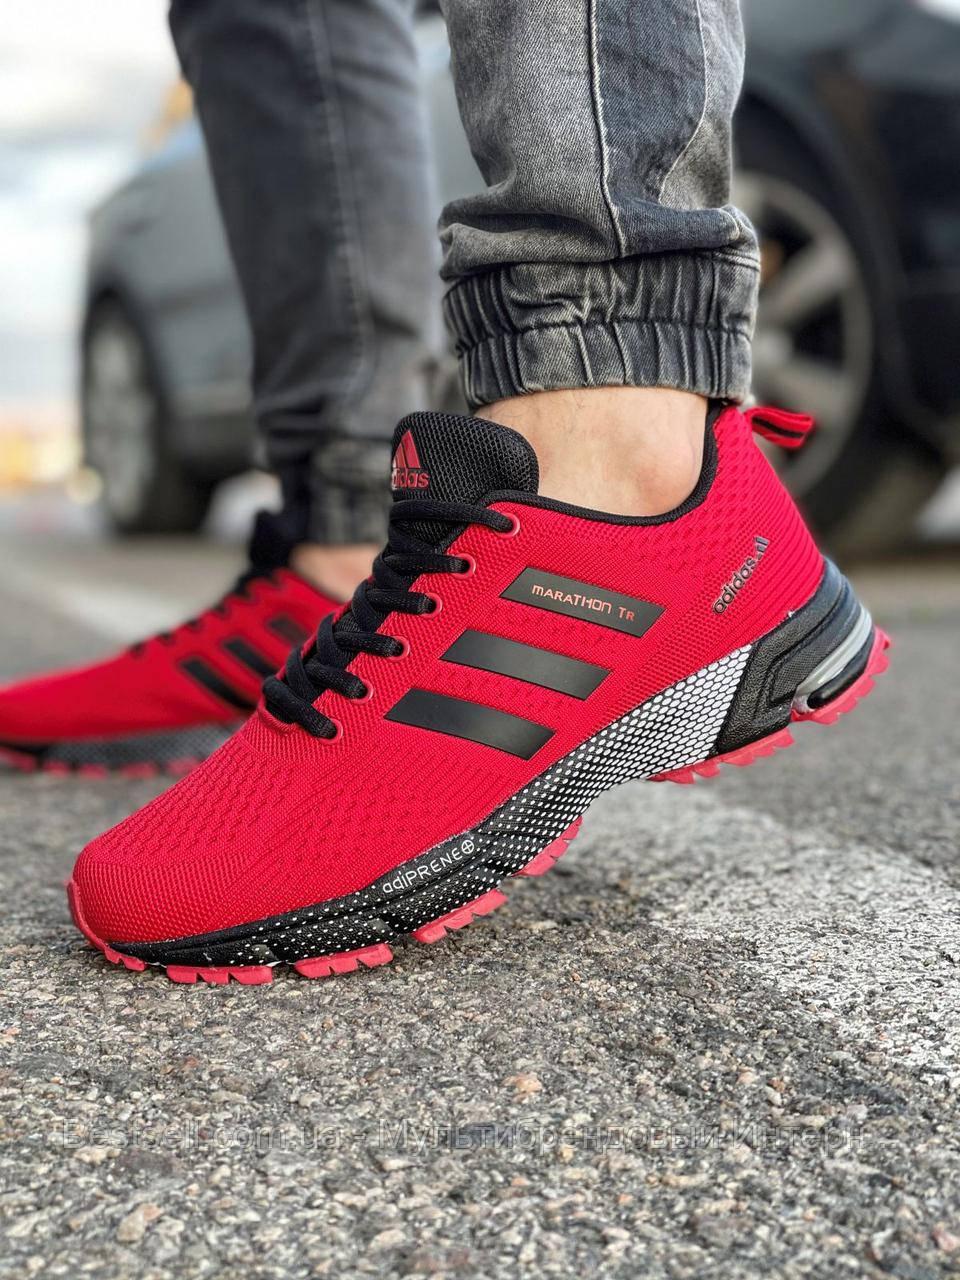 Кроссовки мужские 18531, Adidas Marathon Tr, красные, [ 43 ] р. 41-26,8см.